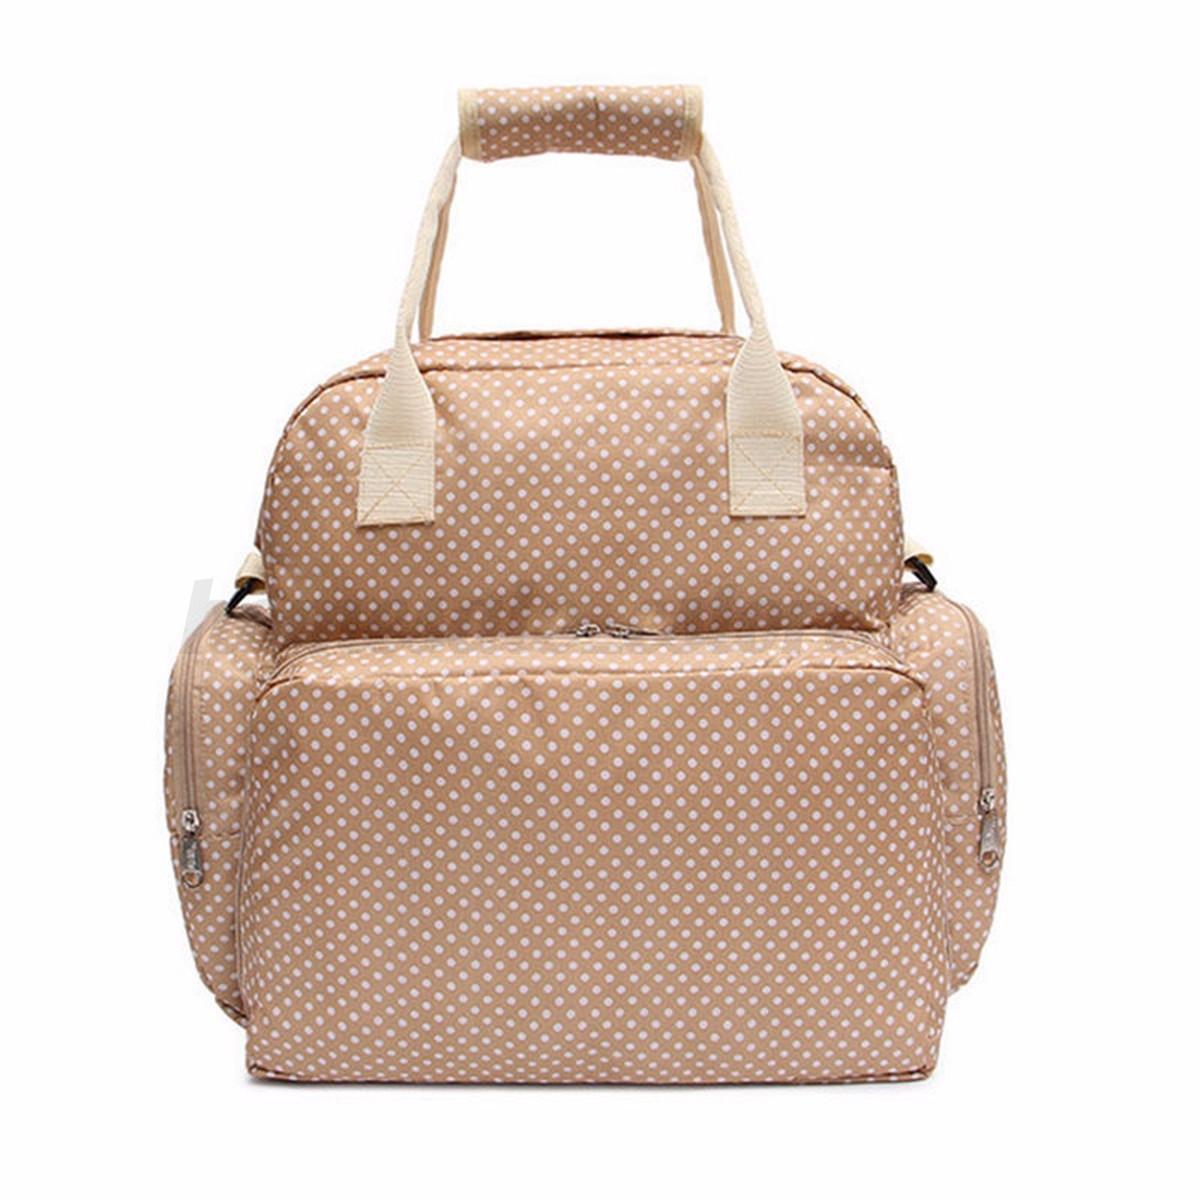 large baby diaper nappy backpack changing bag mummy tote handbag shoulder bag ebay. Black Bedroom Furniture Sets. Home Design Ideas